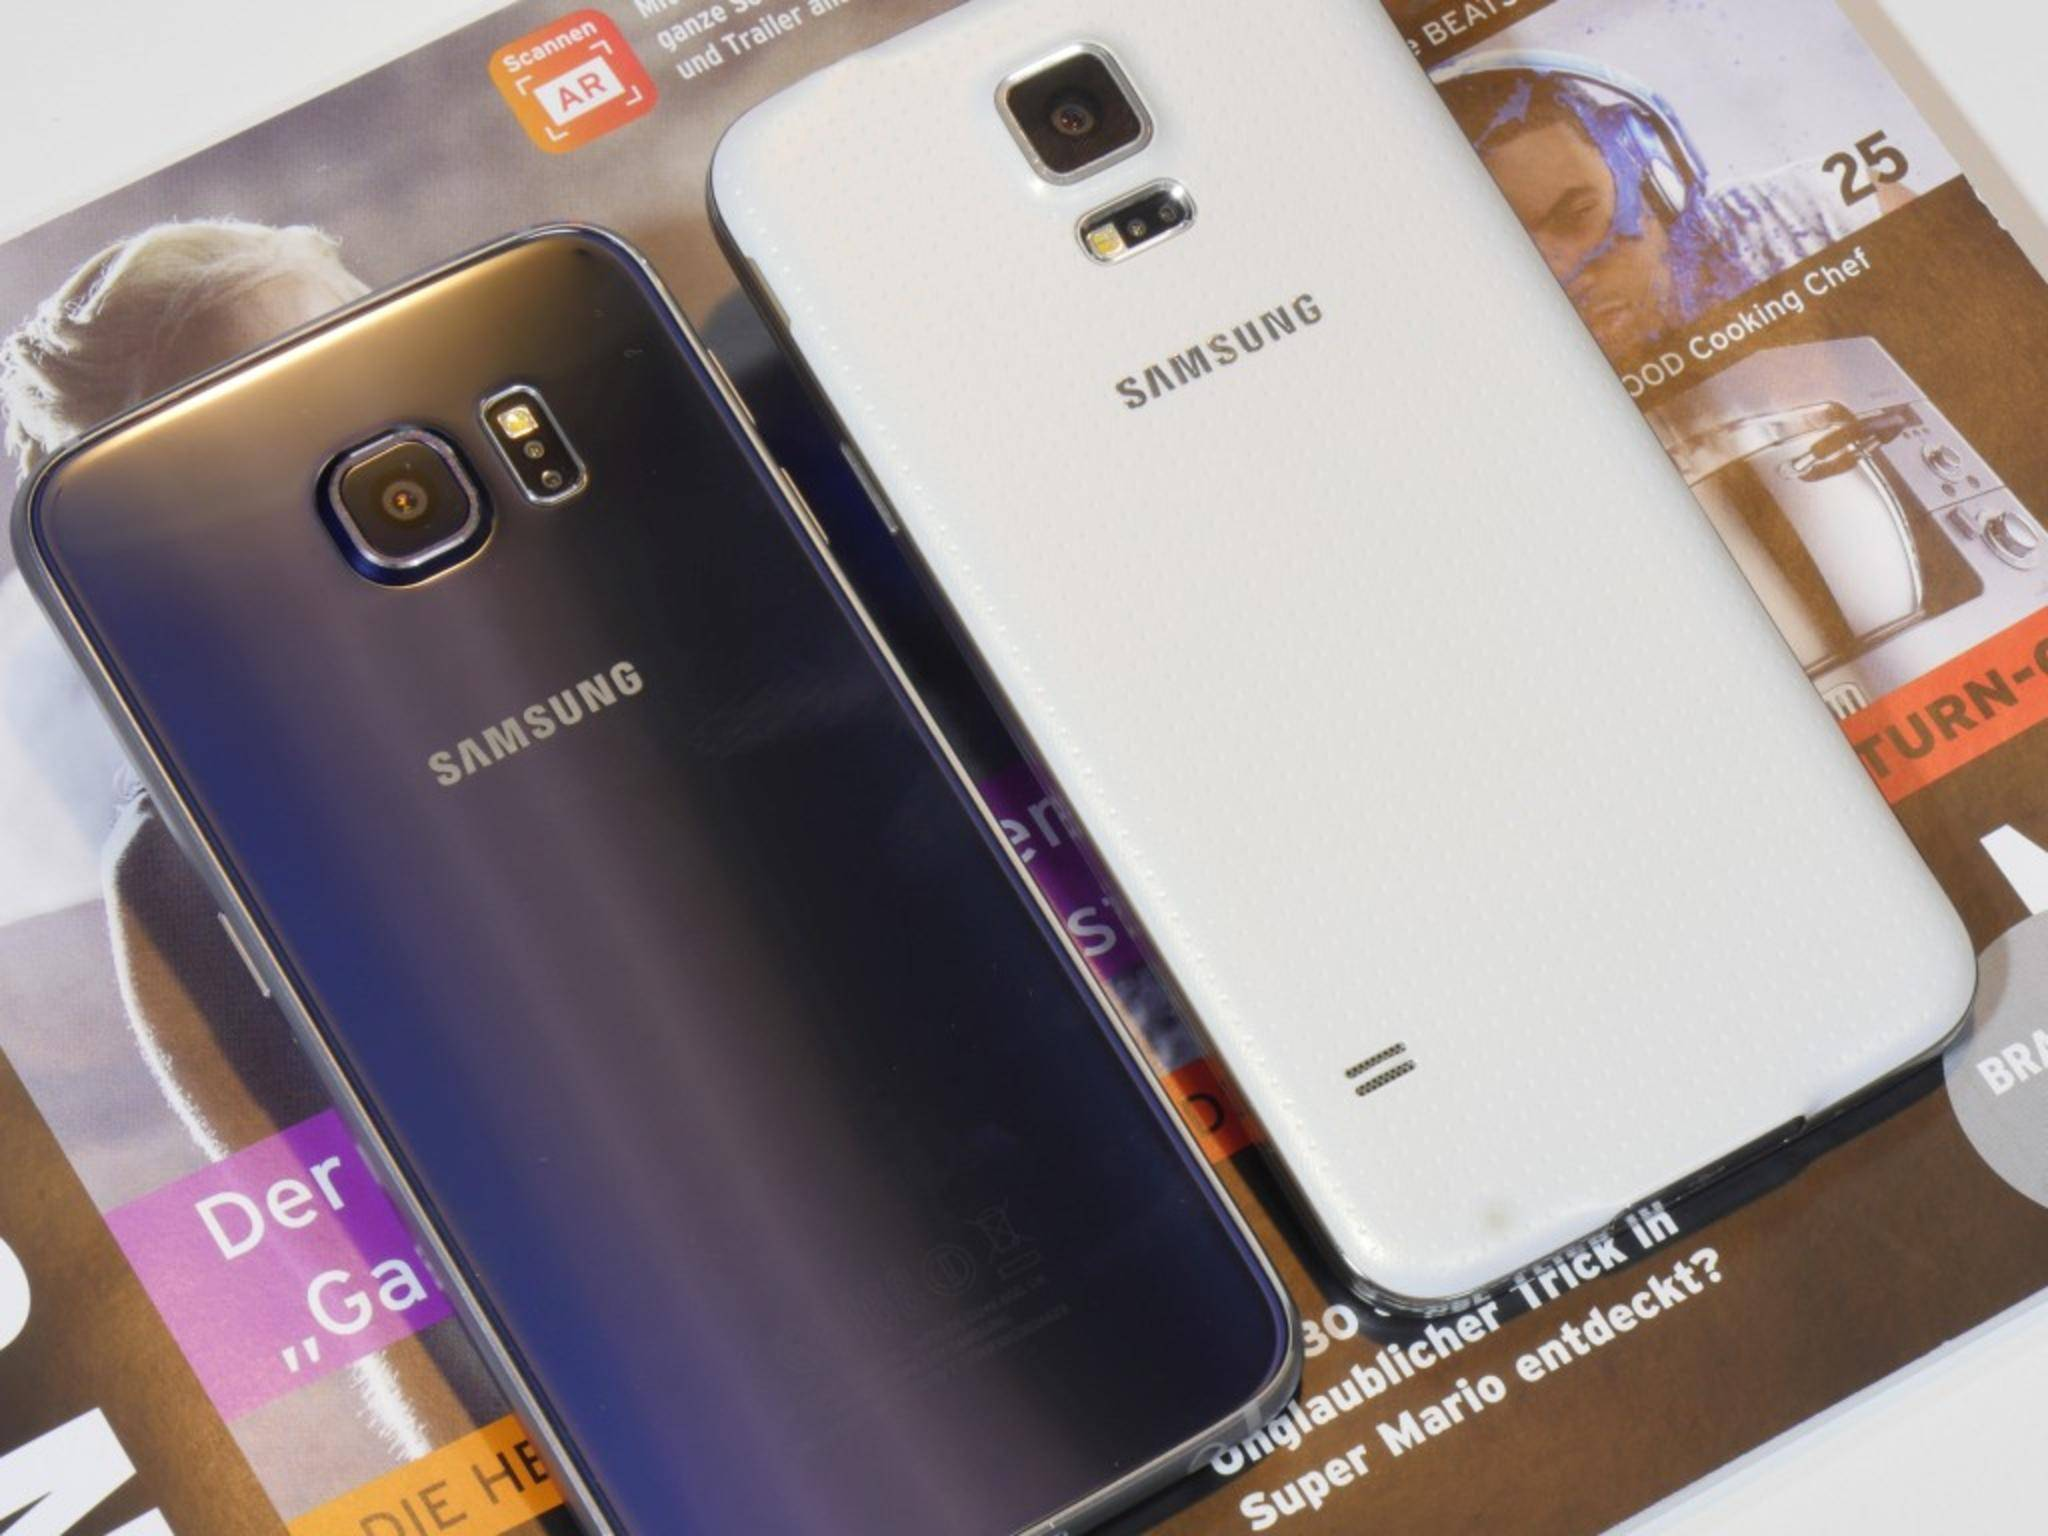 Nutzer beklagen sich schon seit Längerem über RAM-Probleme beim Galaxy S6.